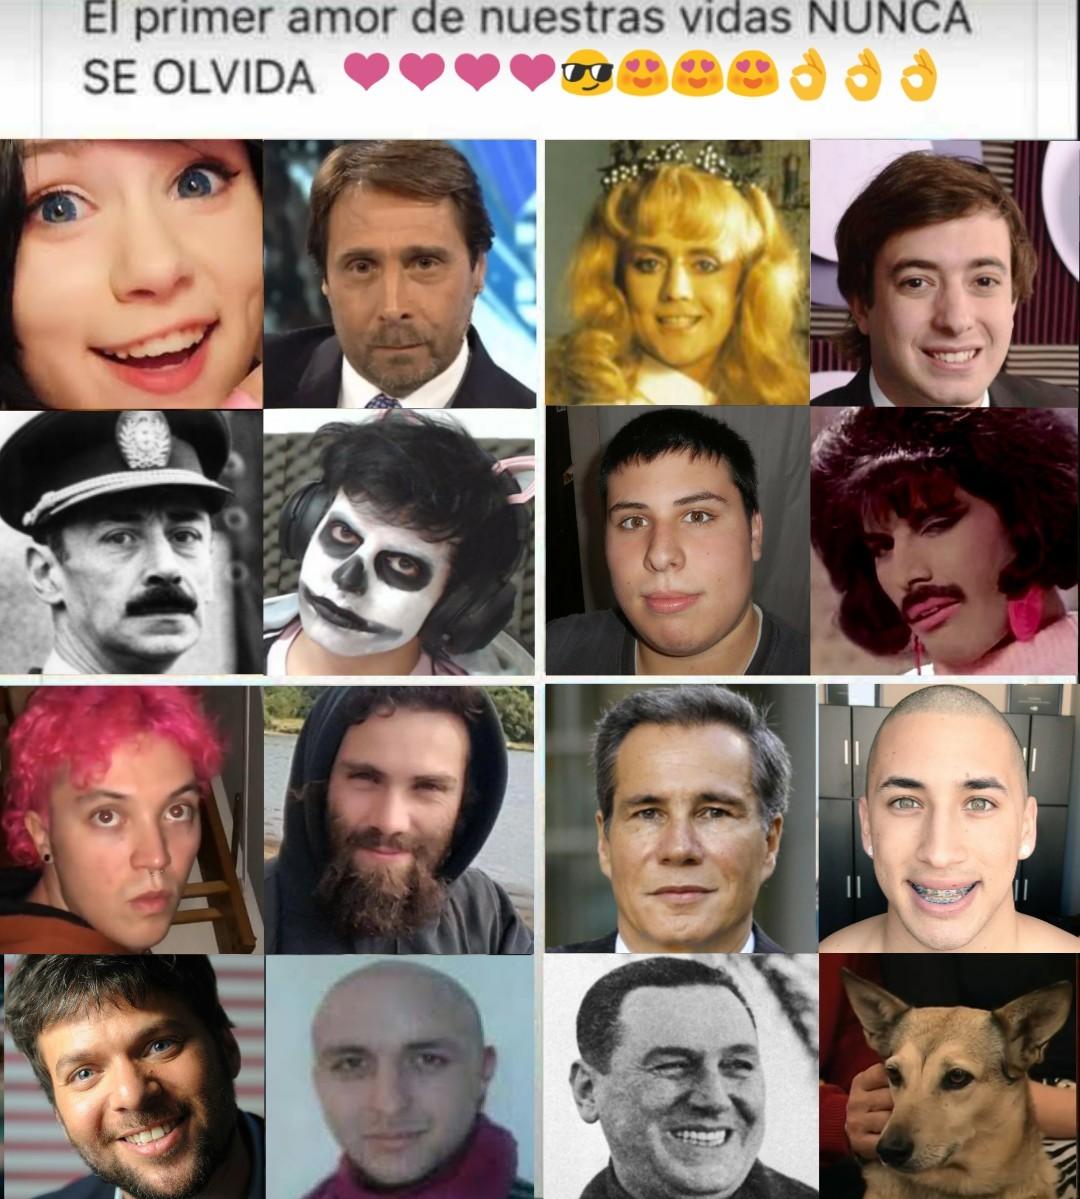 Creo que me estoy arriesgando al poner un meme com referencias Argentinas en un server neutro